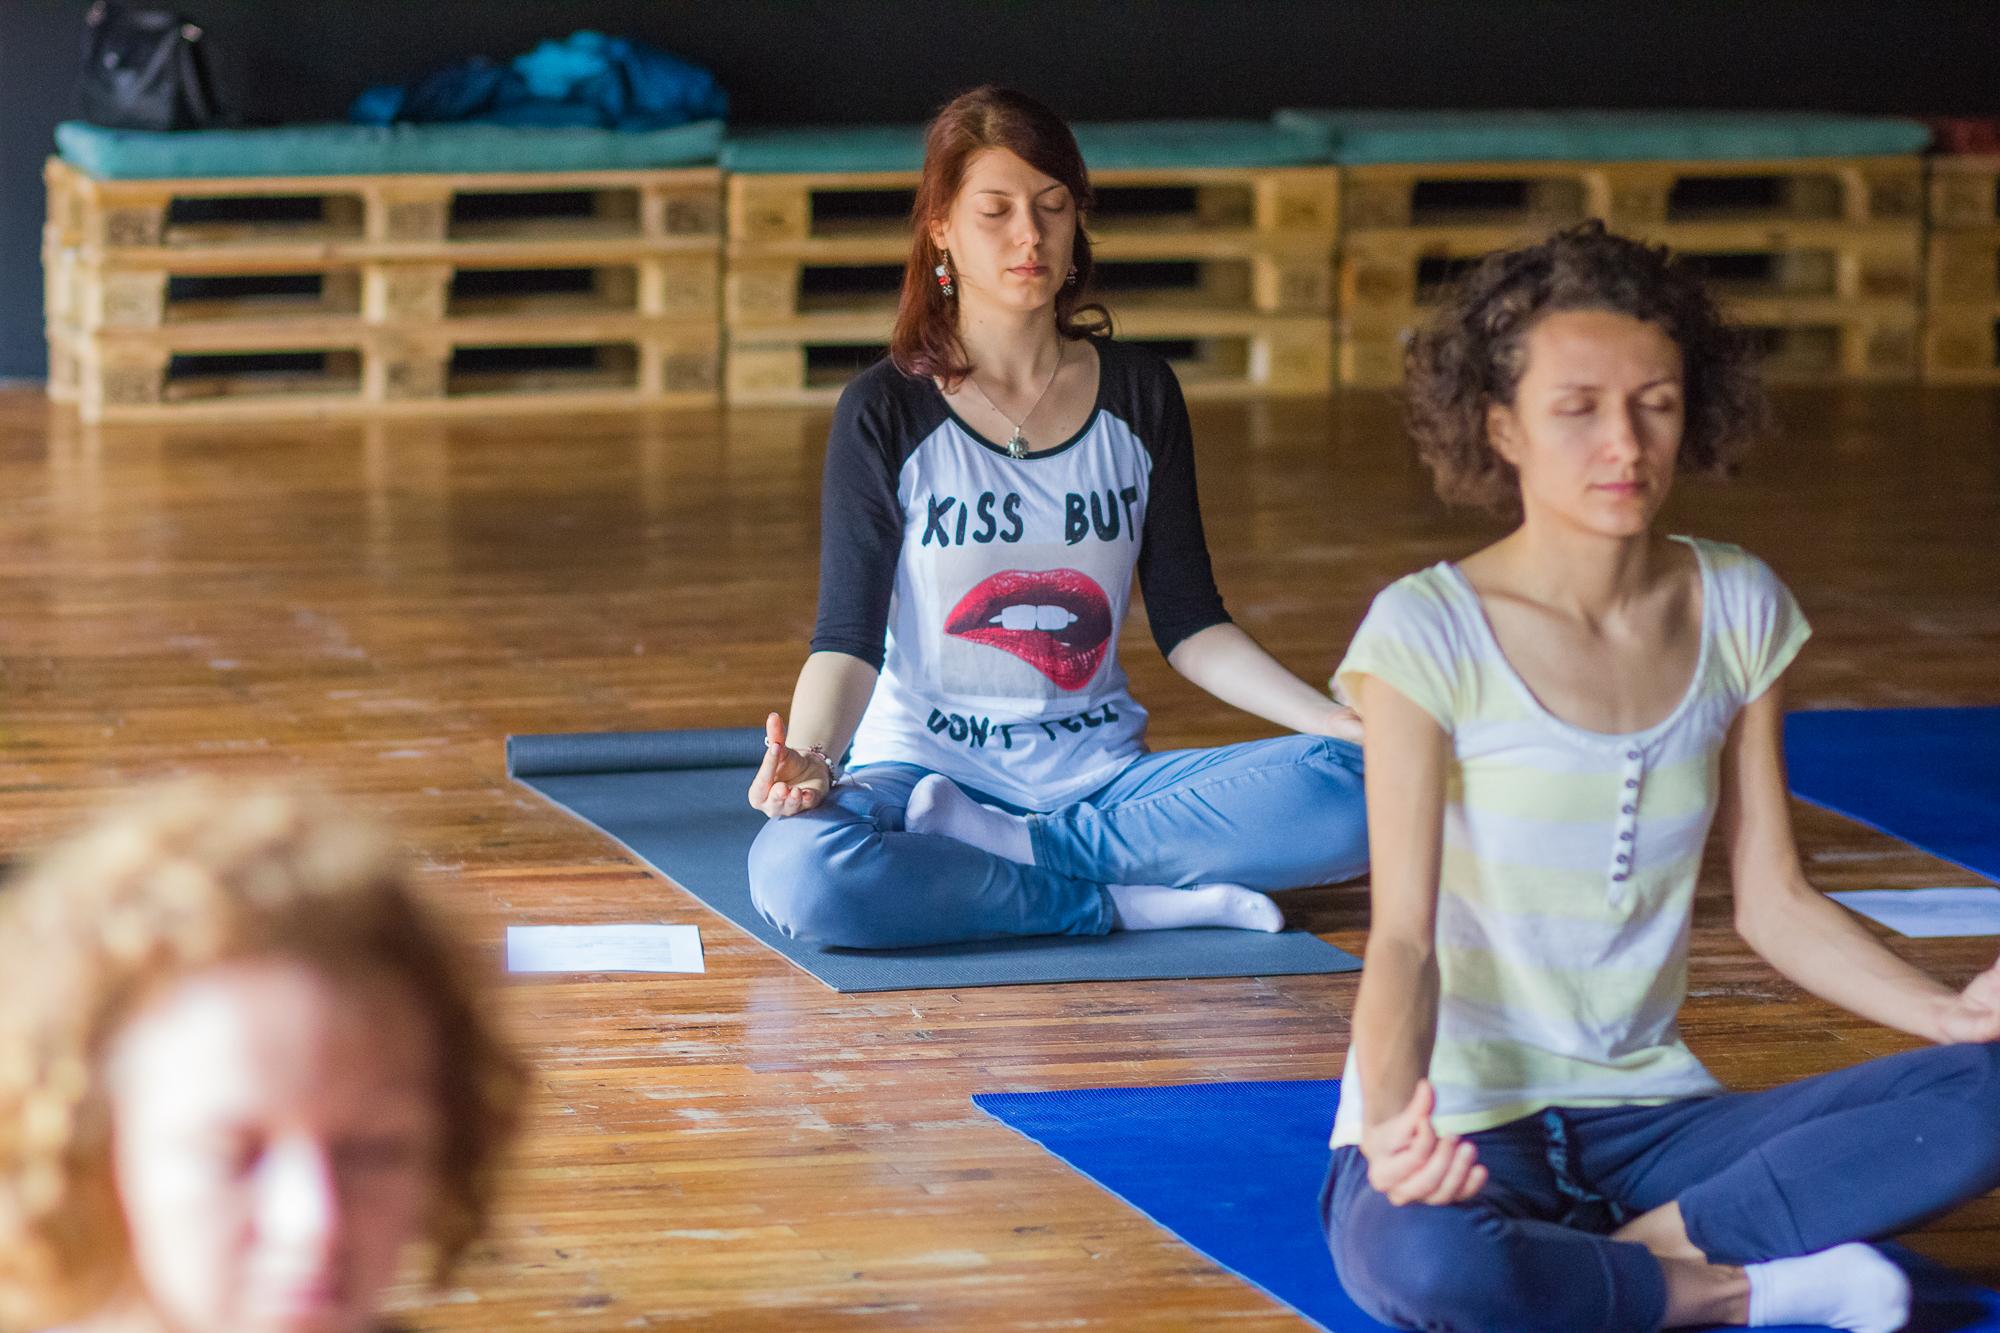 energia kundalini, simptome energia kundalini, trezire energia kundalini